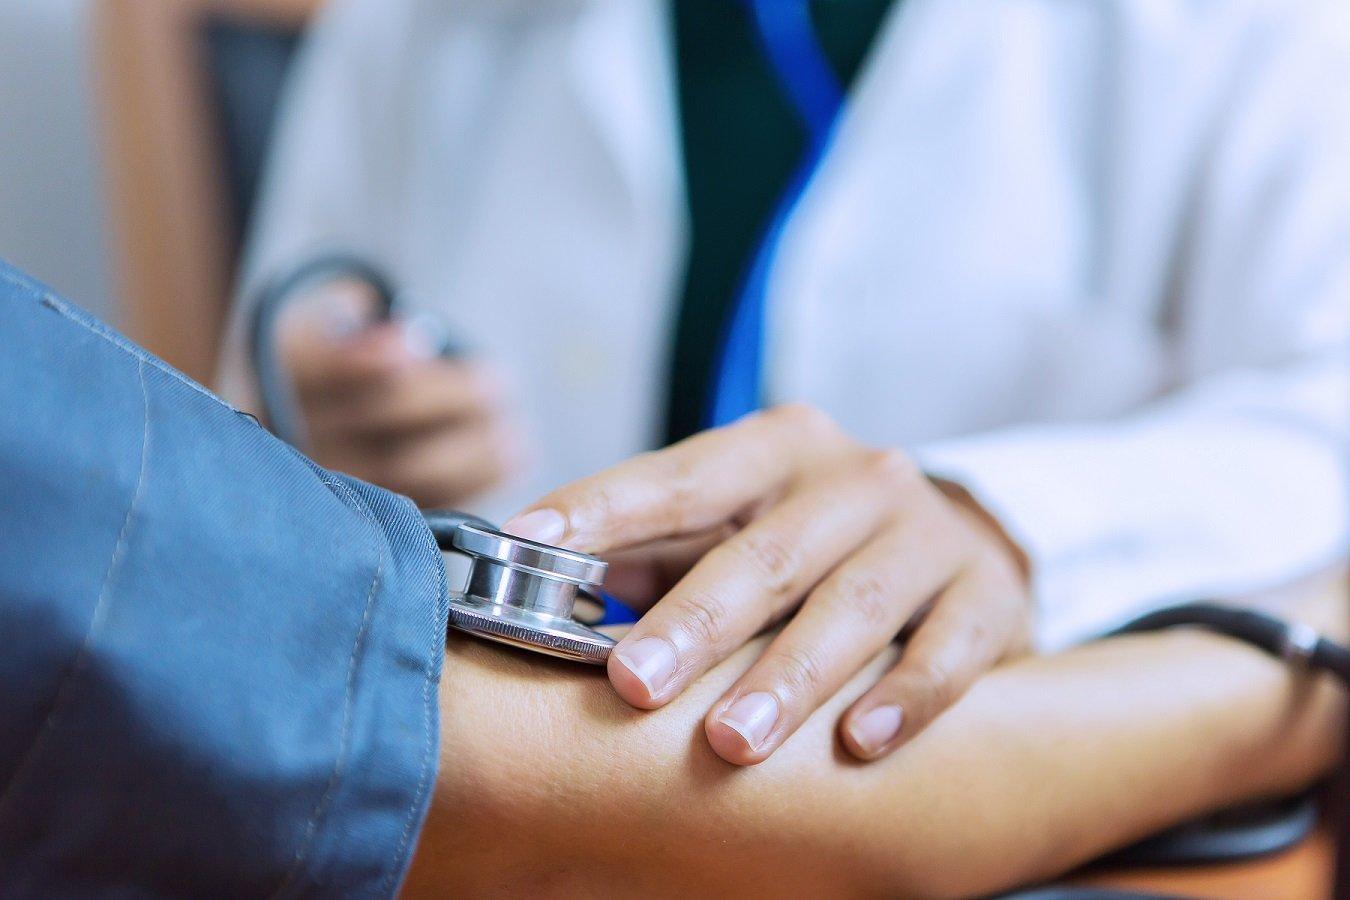 Mengenal Faktor Risiko Penyebab Penyakit Hipertensi